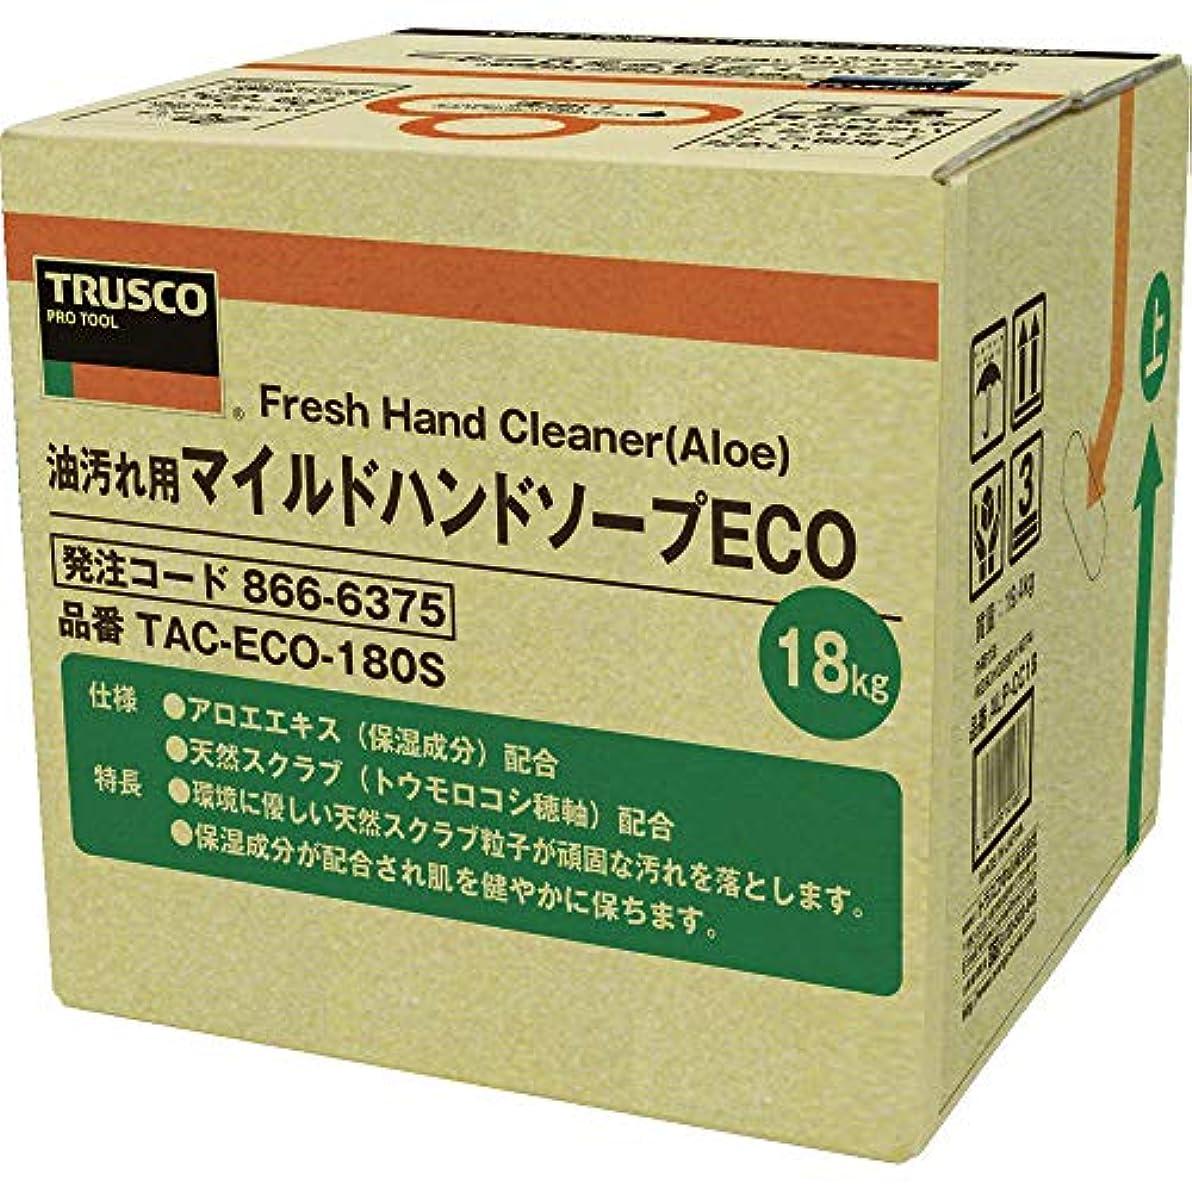 思いつくバウンド拮抗TRUSCO(トラスコ) マイルドハンドソープ ECO 18L 詰替 バッグインボックス TACECO180S